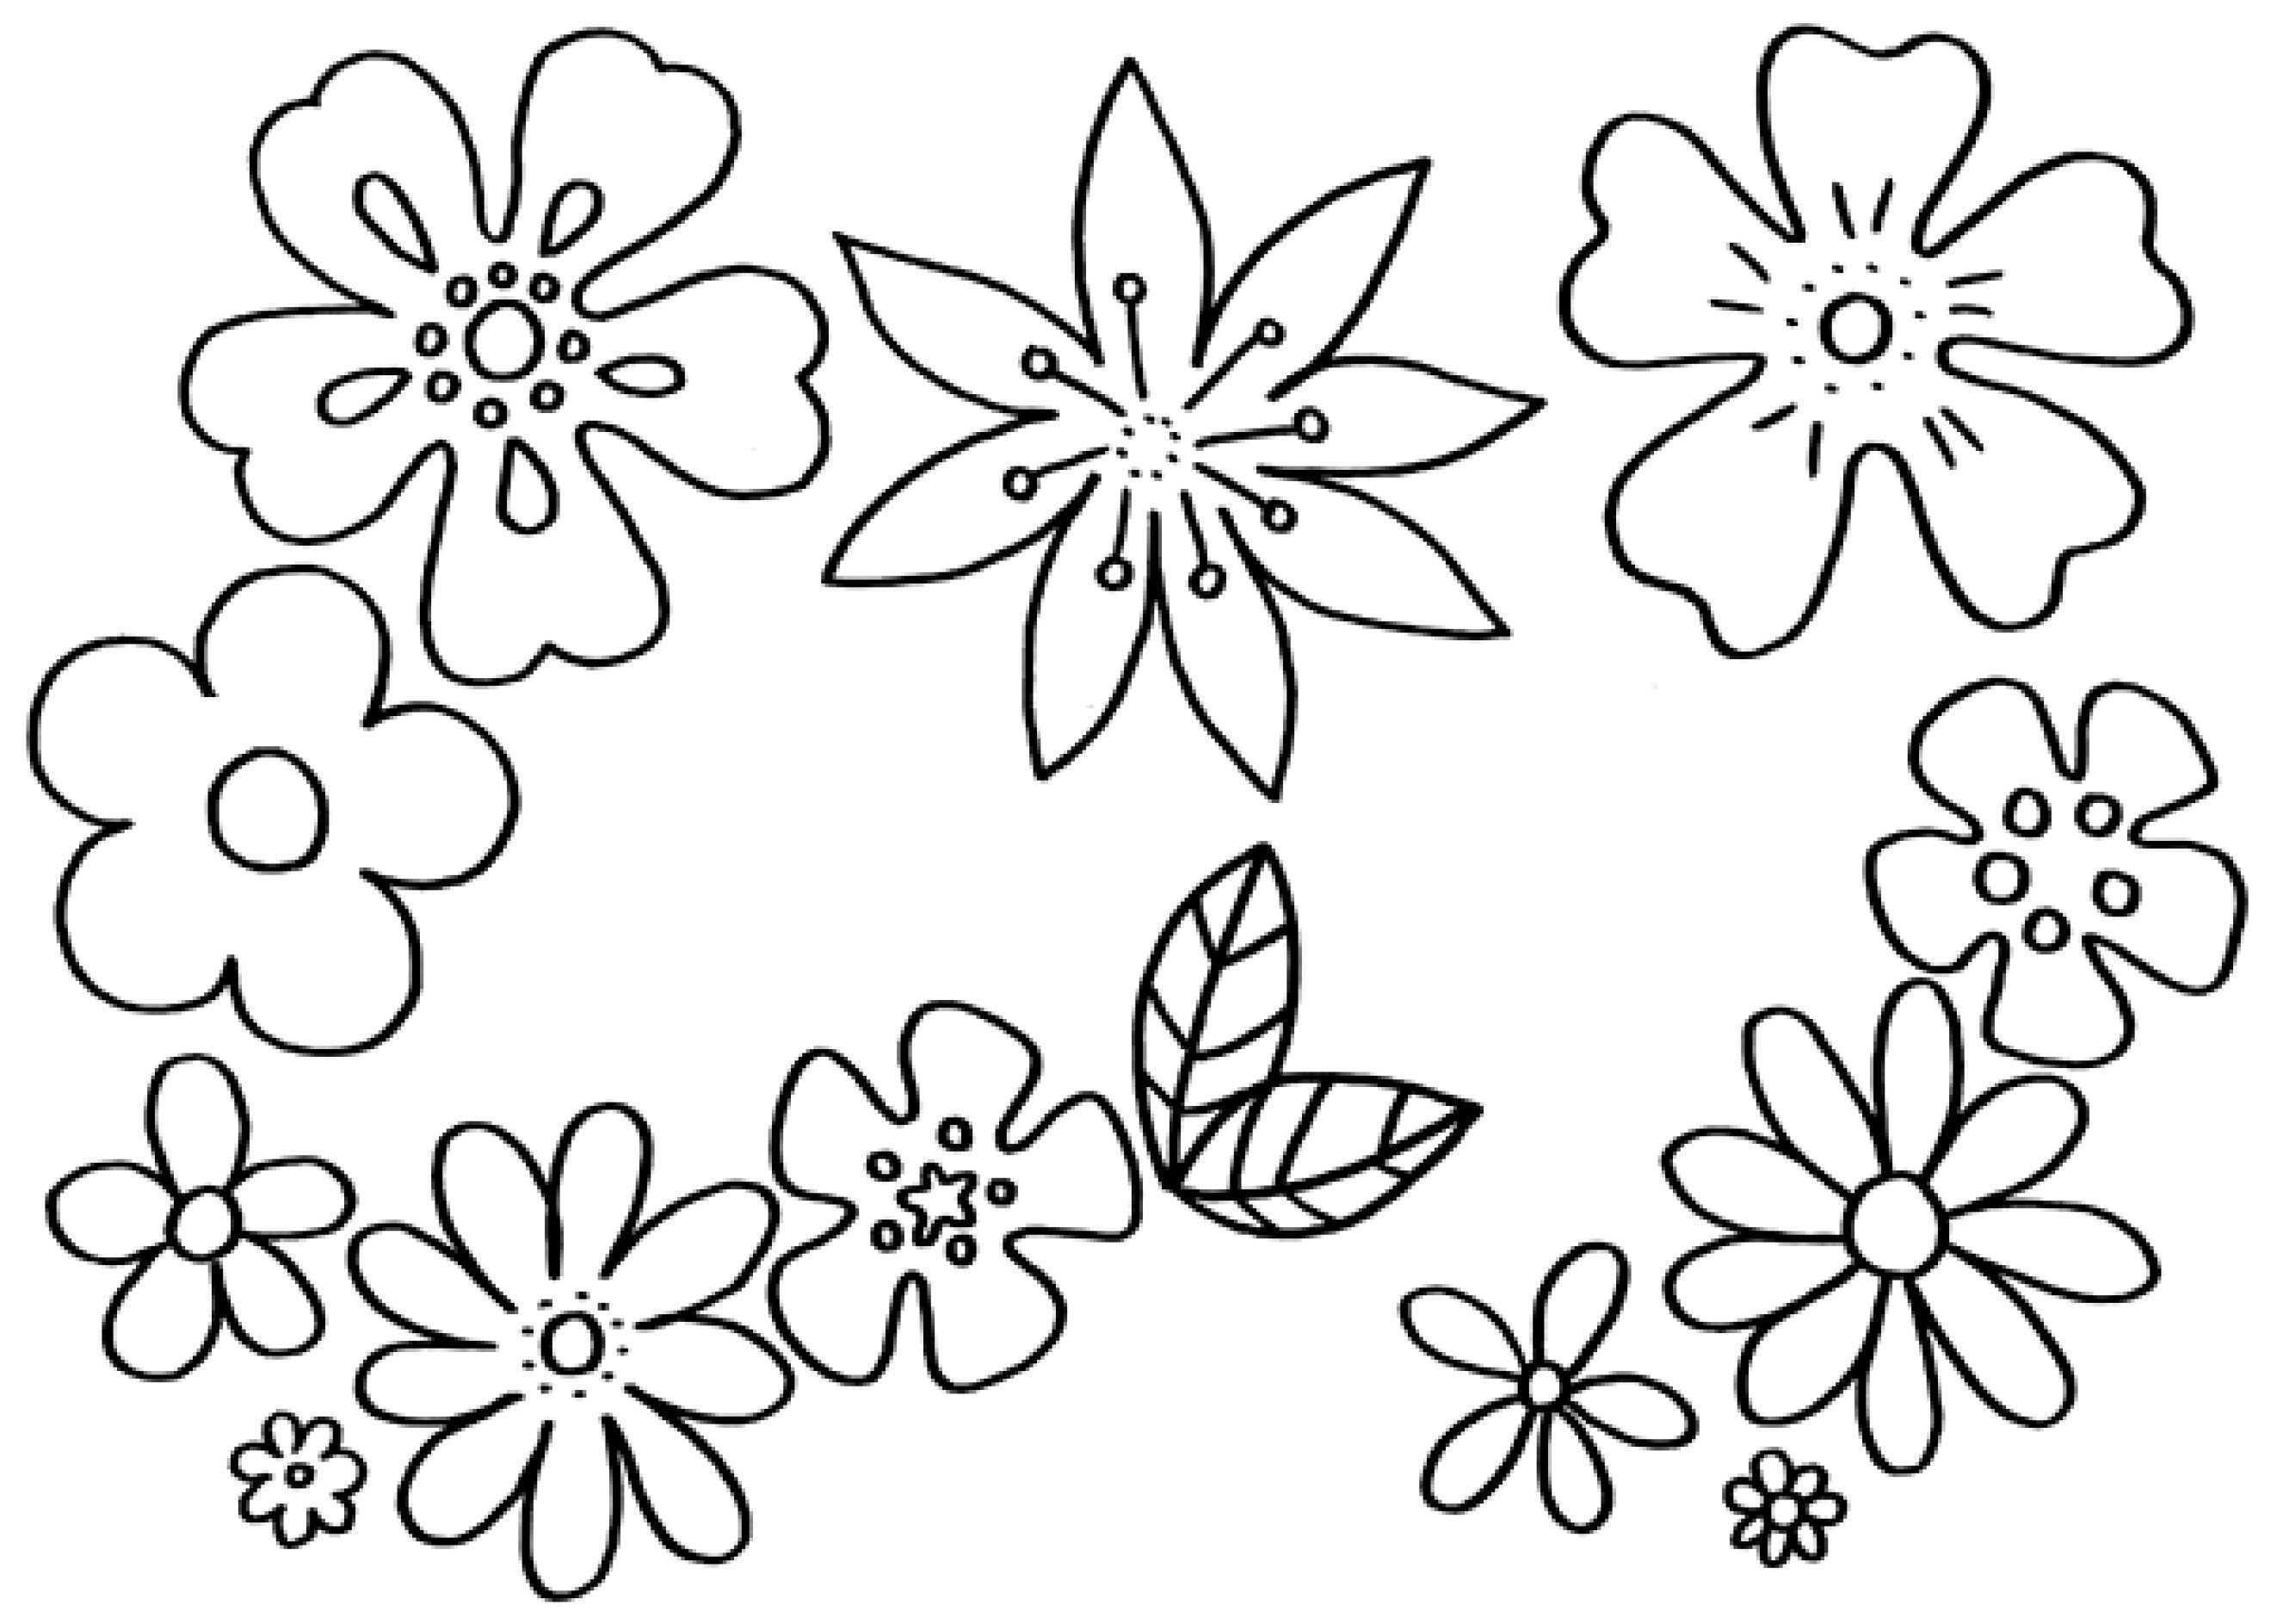 Blumen Malvorlage Zum Ausdrucken Malvorlagen Blumen Blumen Ausmalen Malvorlagen